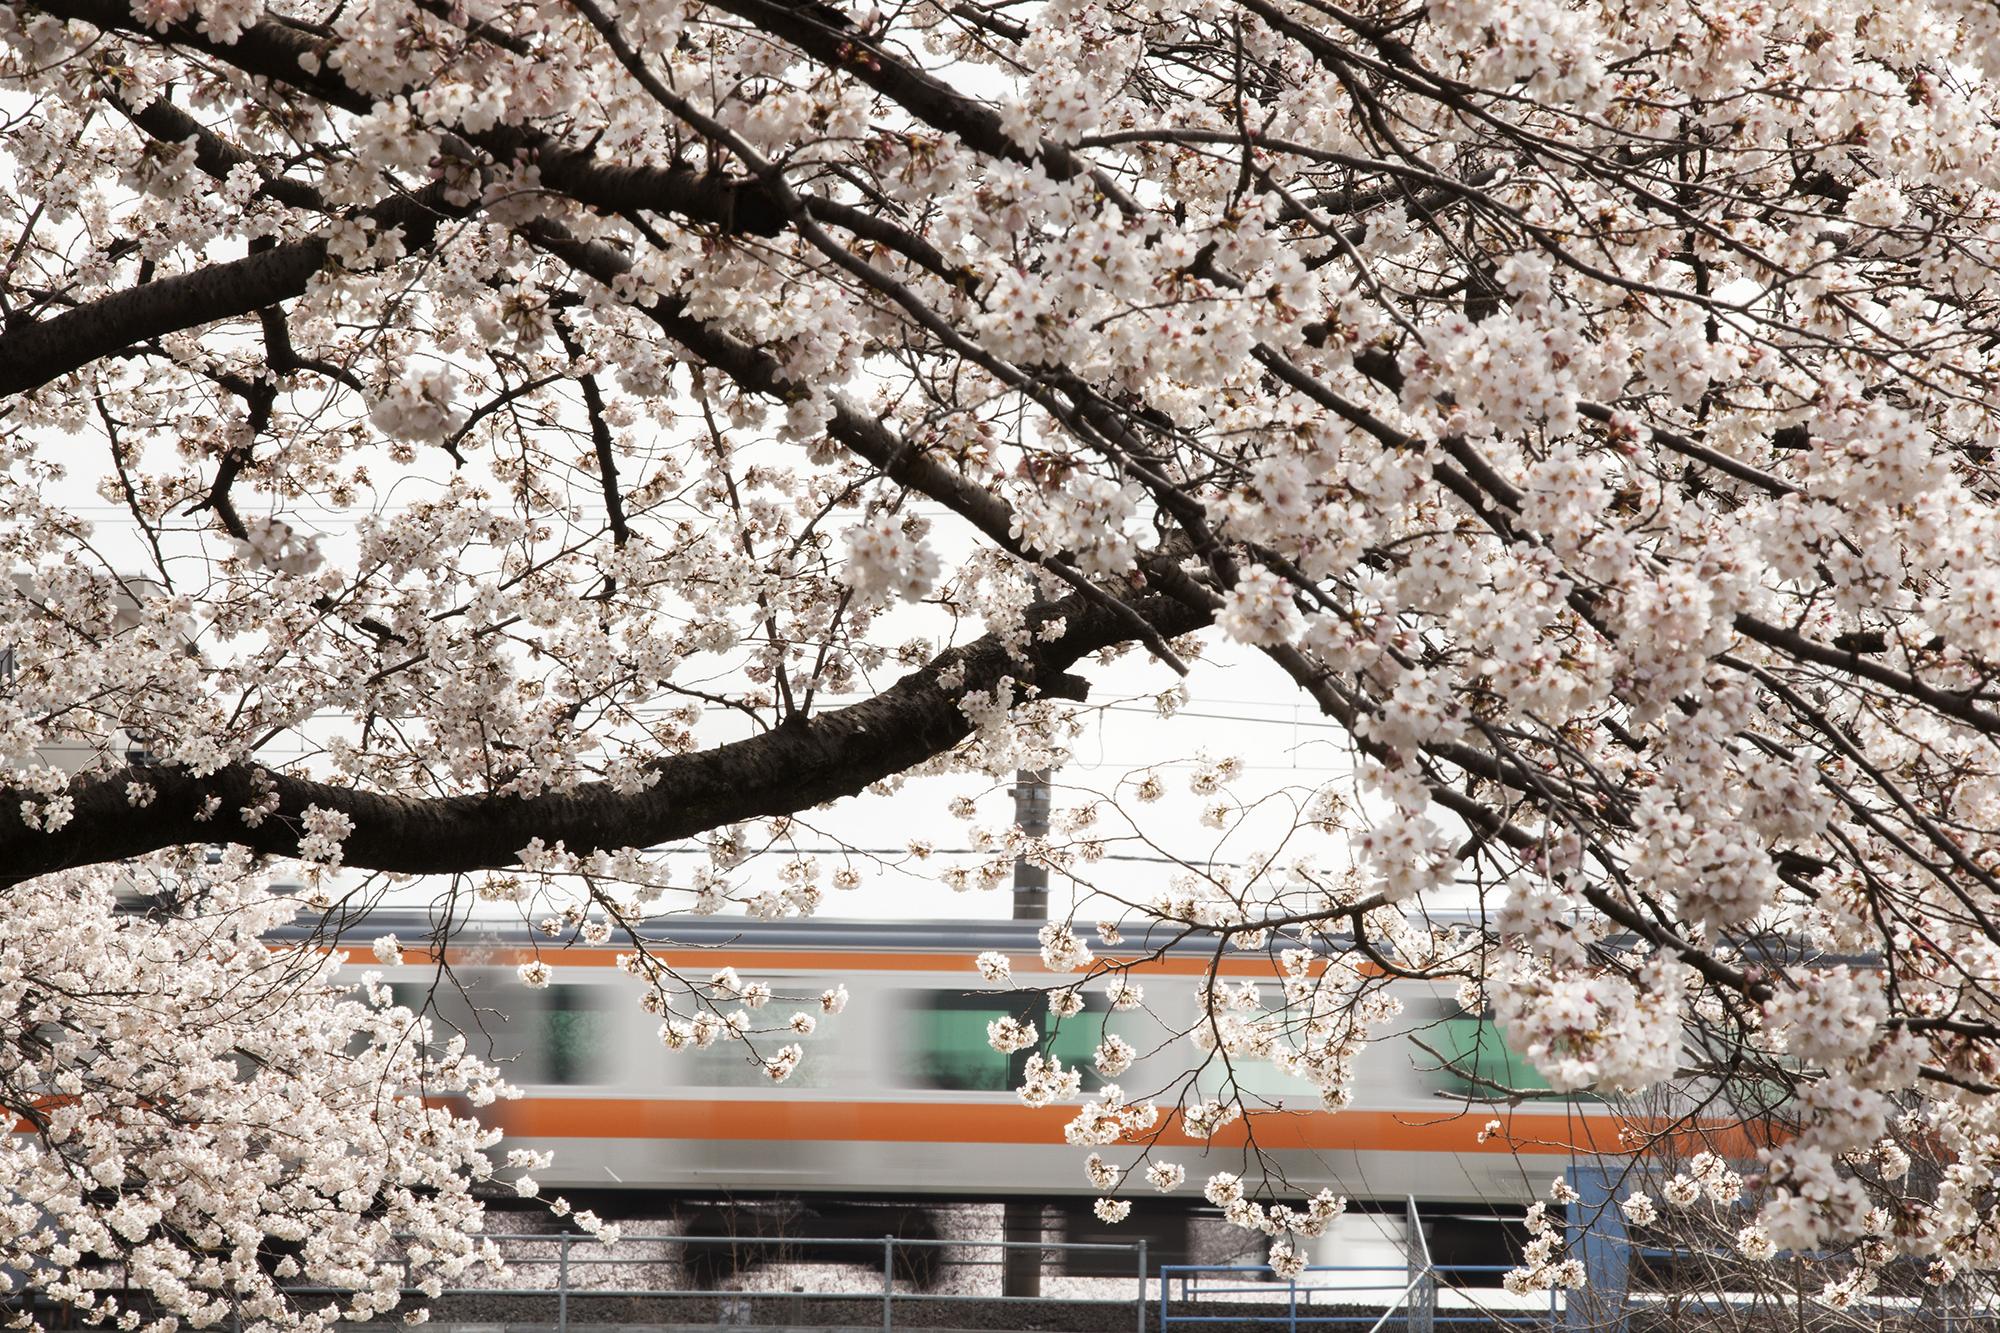 Sakura-4.3.14_40841.jpg